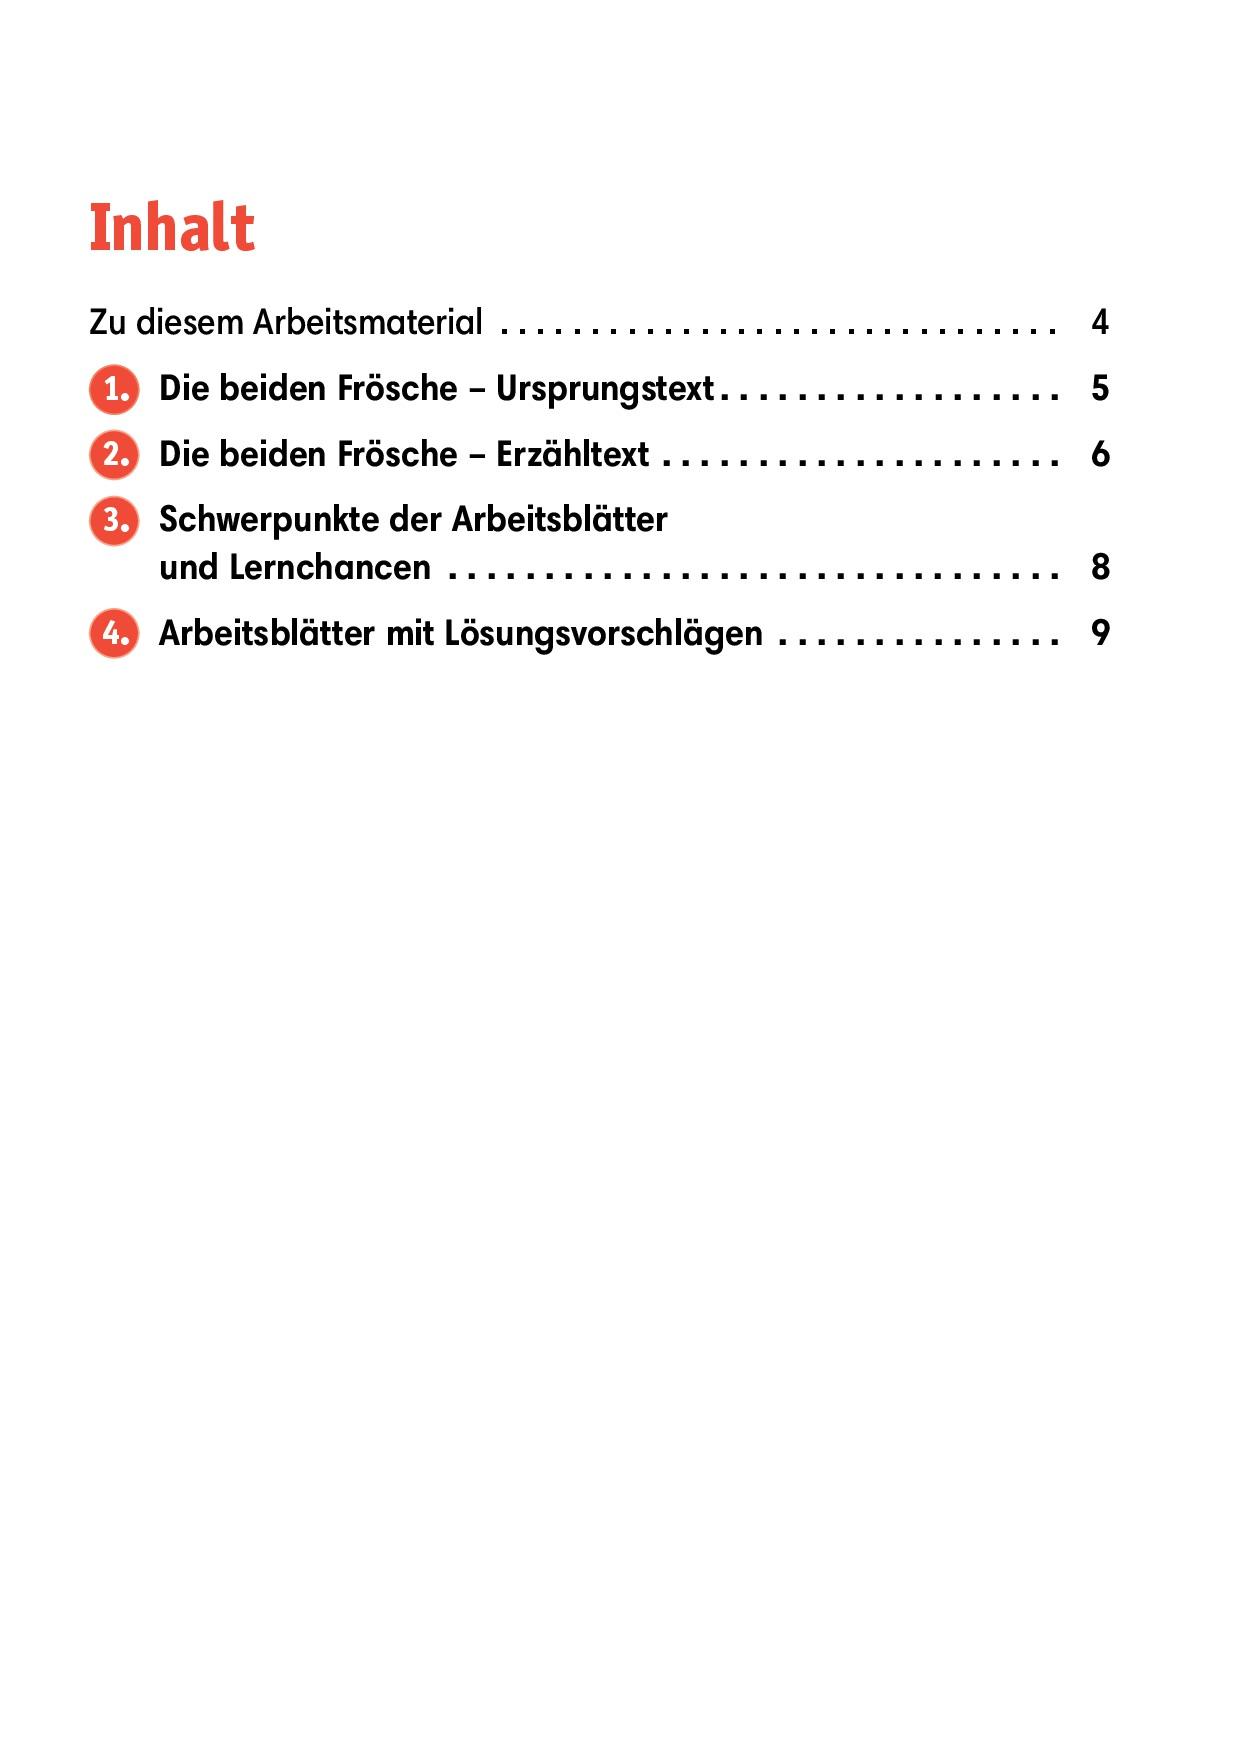 Innenansicht zu Arbeitsmaterial Grundschule. Fabeln für den Deutschunterricht. Die beiden Frösche. Eine Fabel von Äsop.